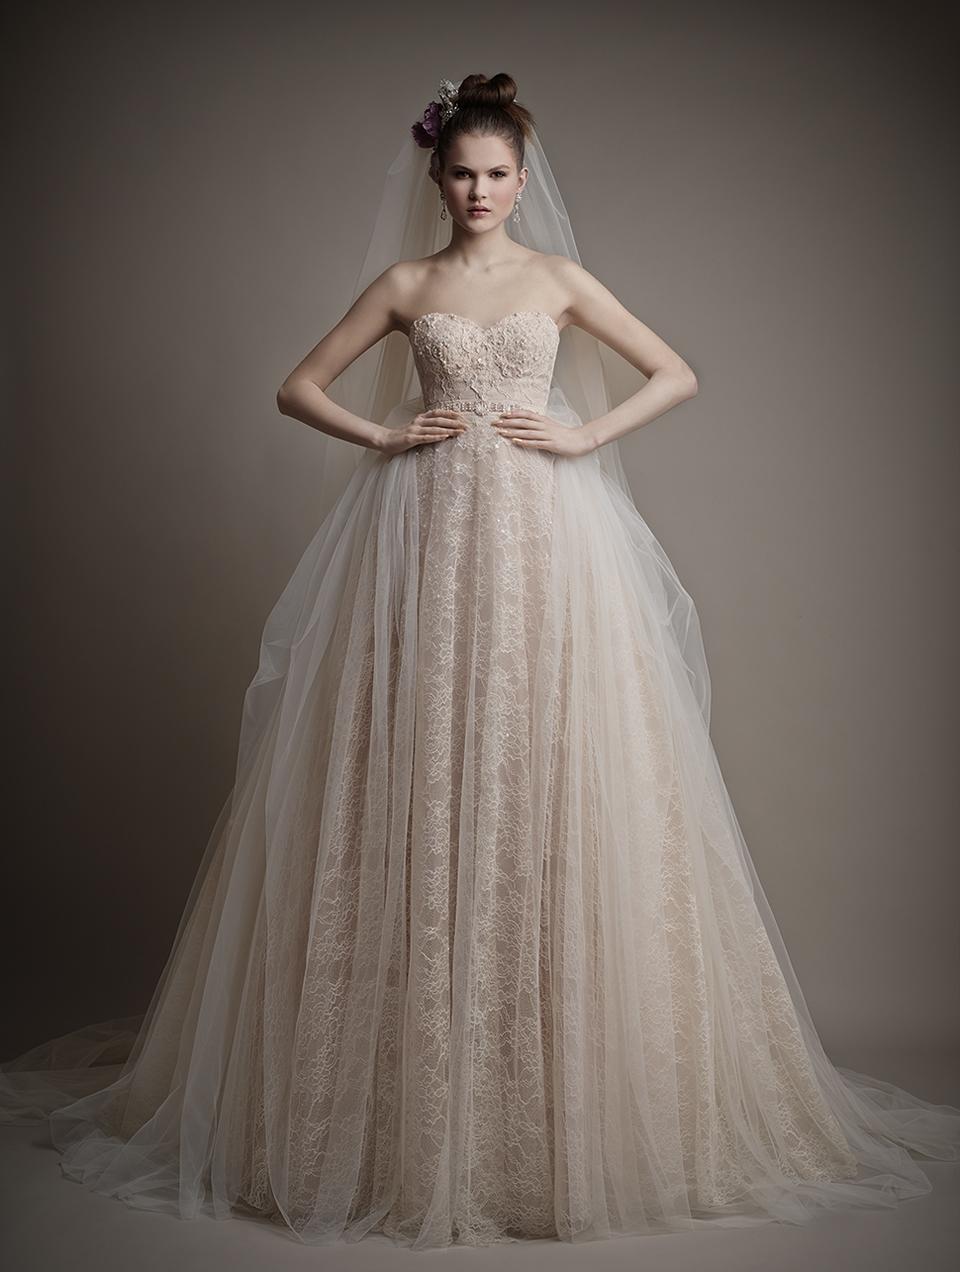 Коллекция свадебных платьев 2015 года от Ersa Atelier8